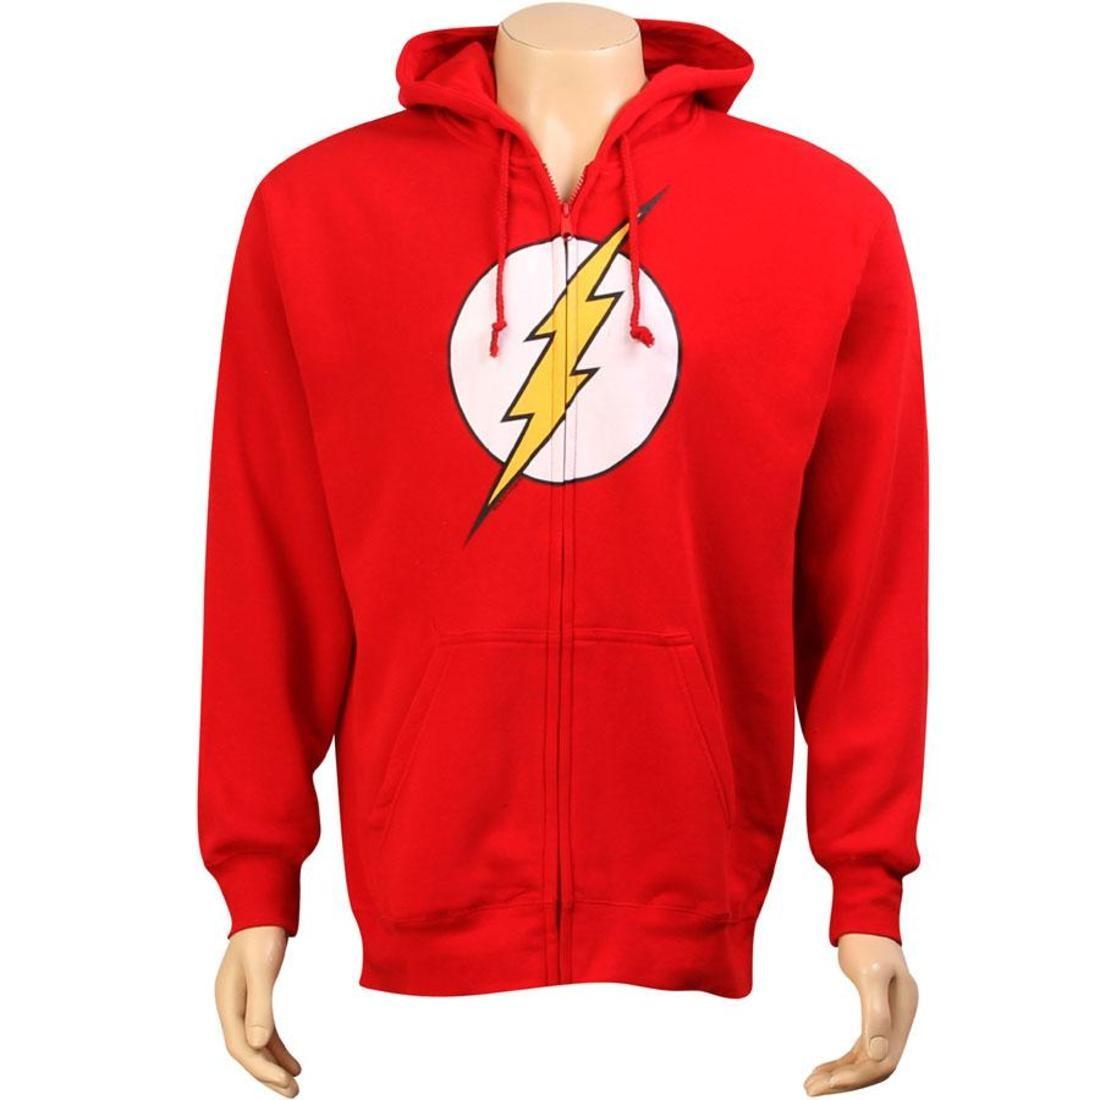 【海外限定】ディーシー コミックス ロゴ フーディー パーカー メンズファッション トップス 【 DC COMICS FLASH LOGO ZIP UP HOODY RED 】